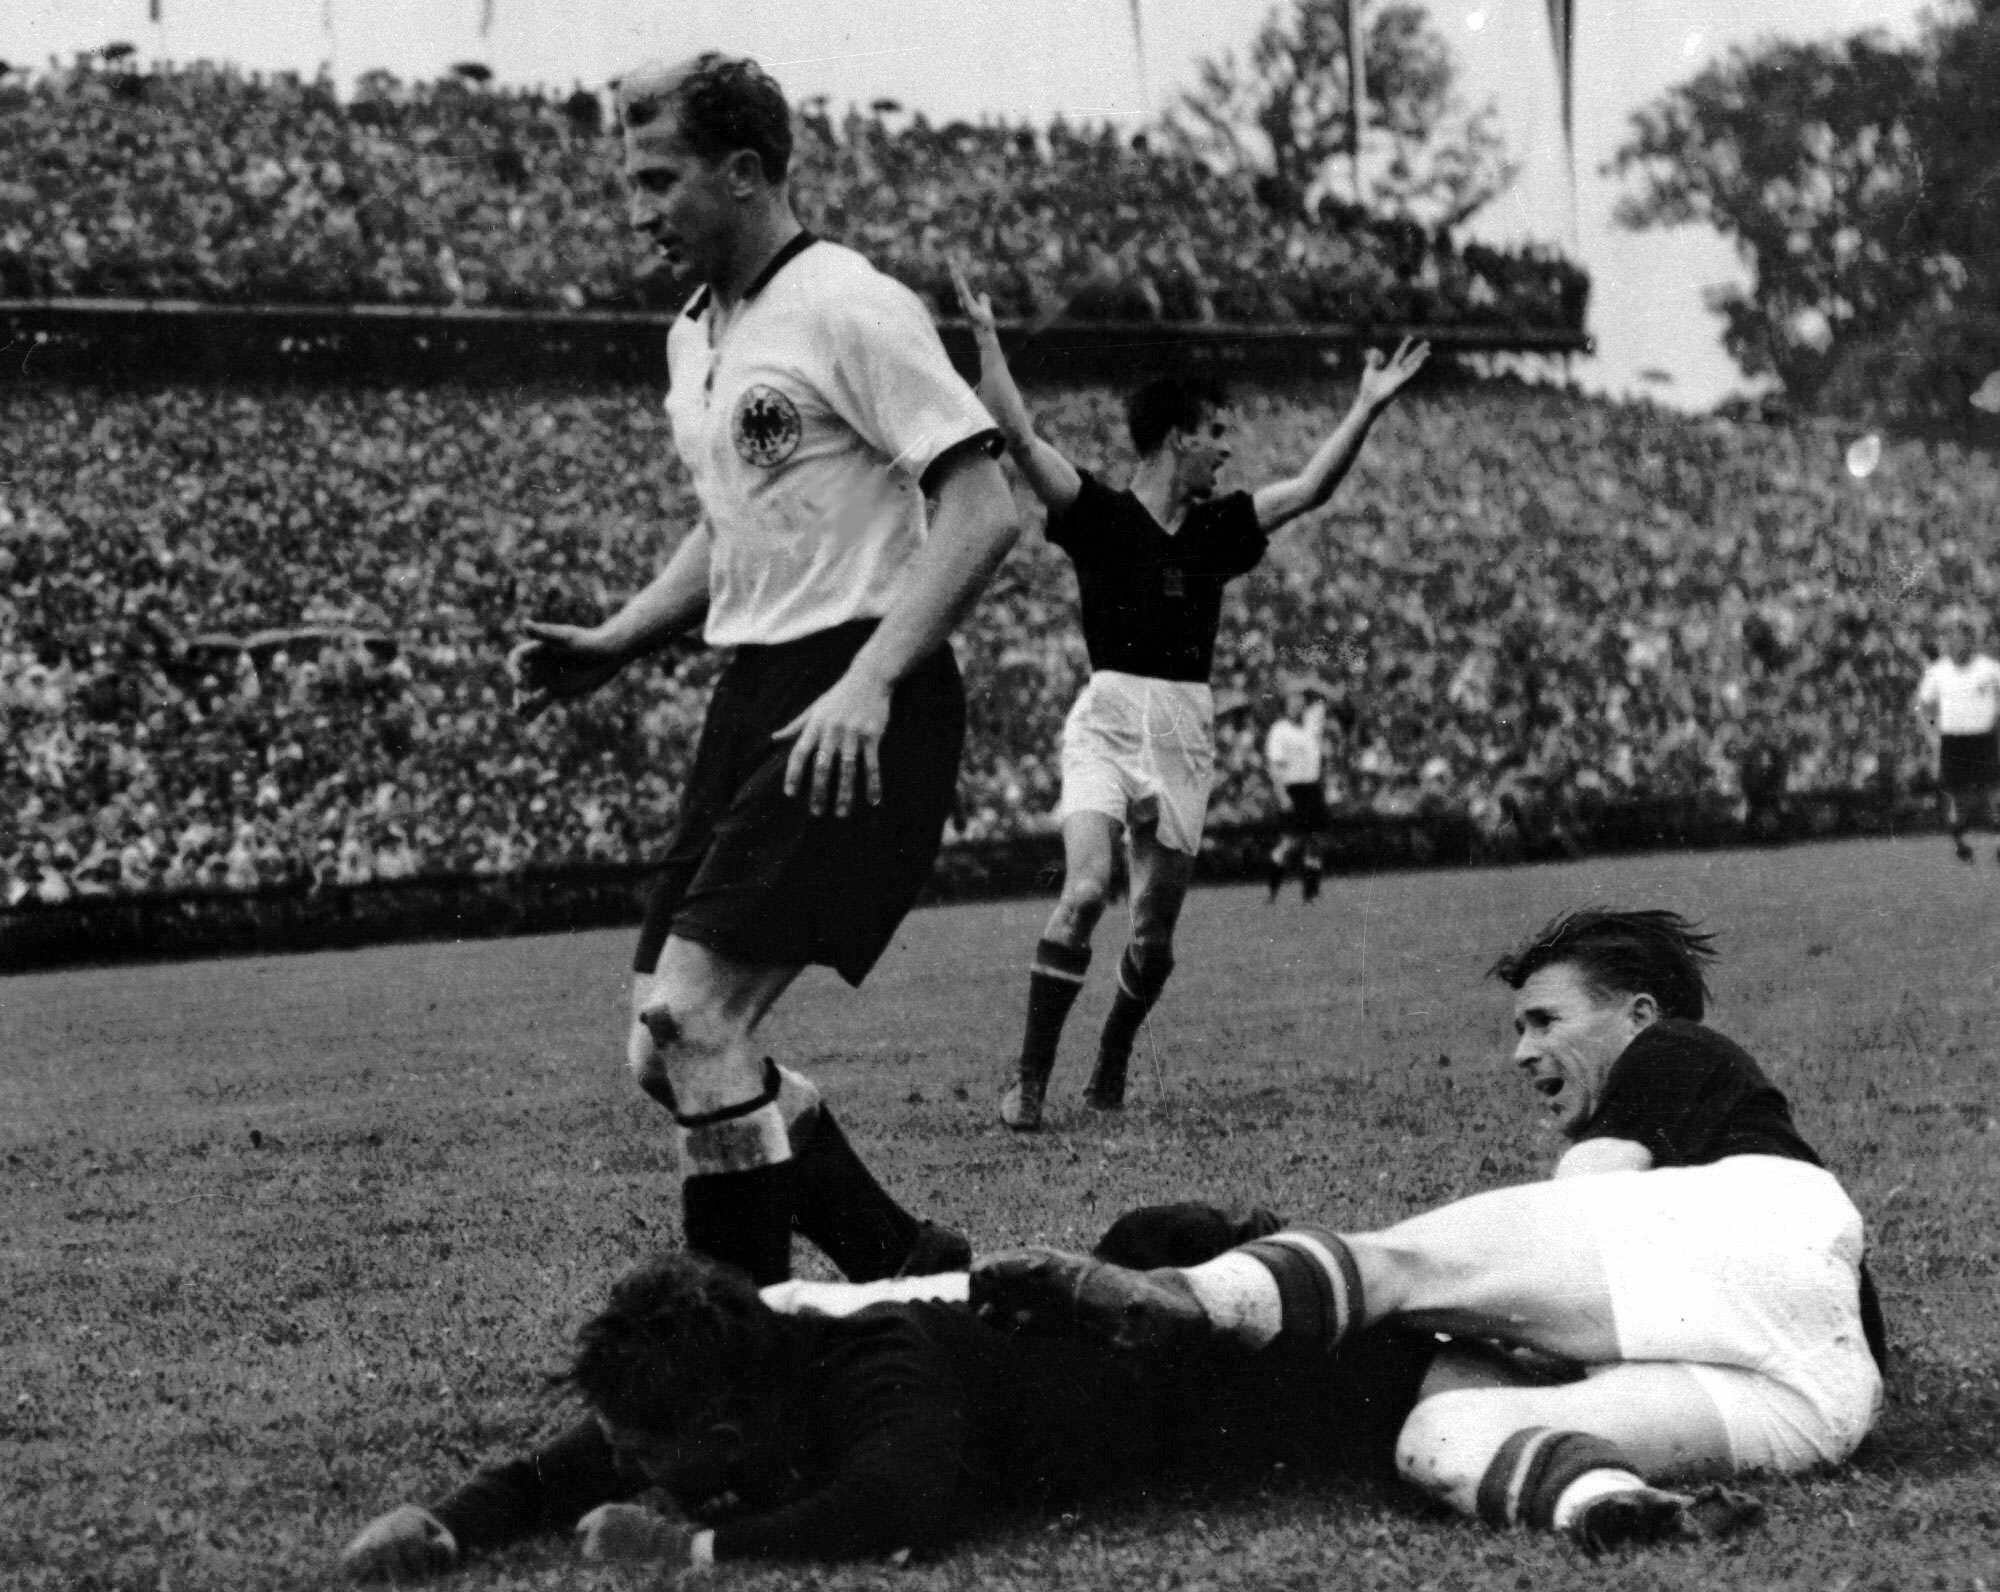 Bild zu WM 1954, Bern, Schweiz, Deutschland, Ungarn, Endspiel, Finale, Bern, Turek, Liebrich, Puskas